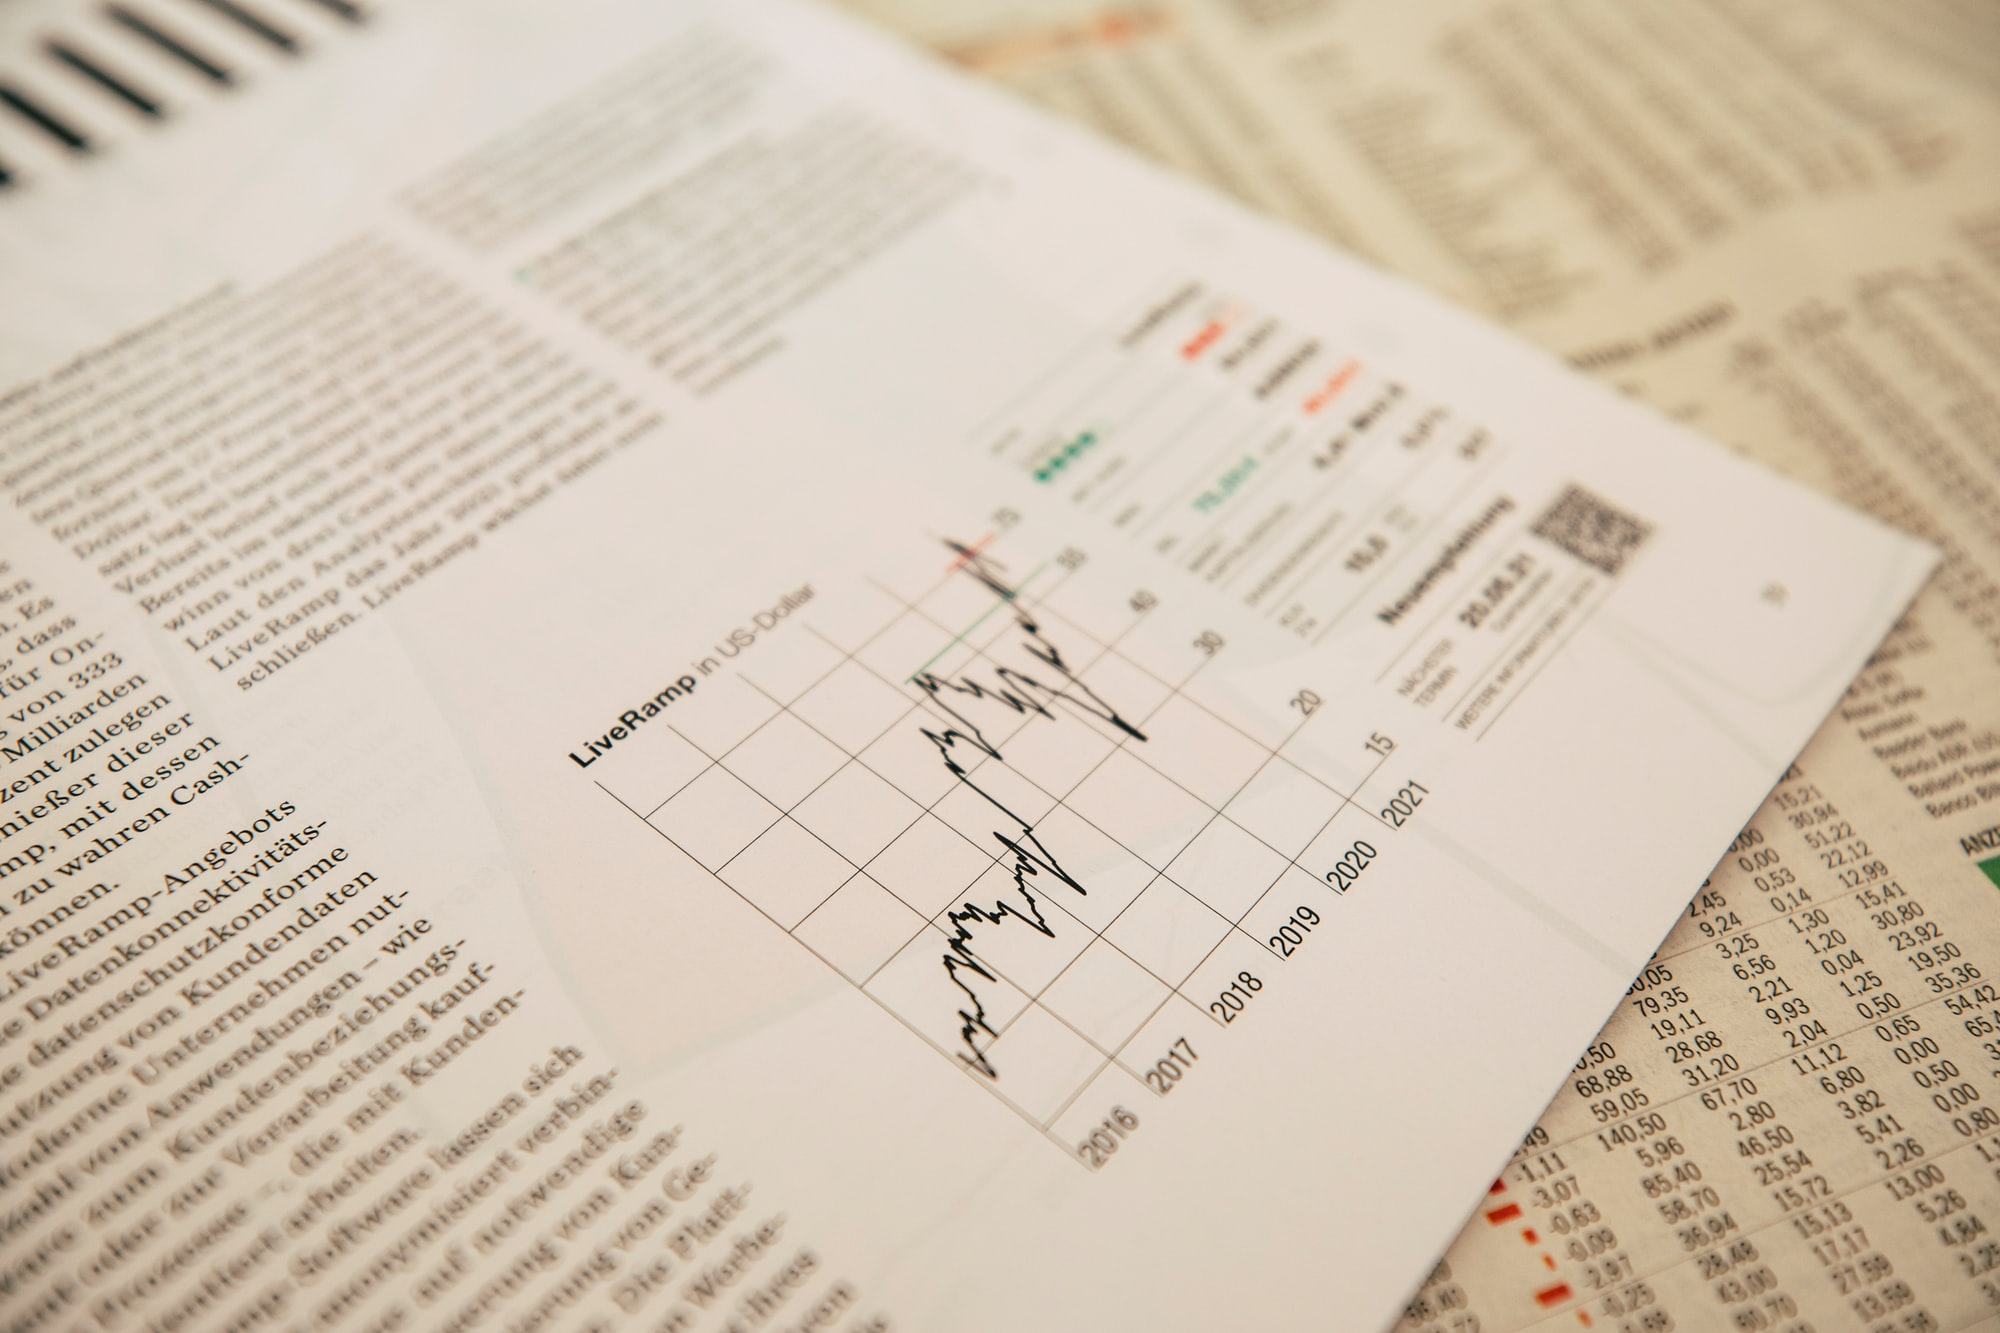 Imagem de um gráfico financeiro com jornal mostrando valores de ações ao fundo. Photo by Markus Spiske / Unsplash